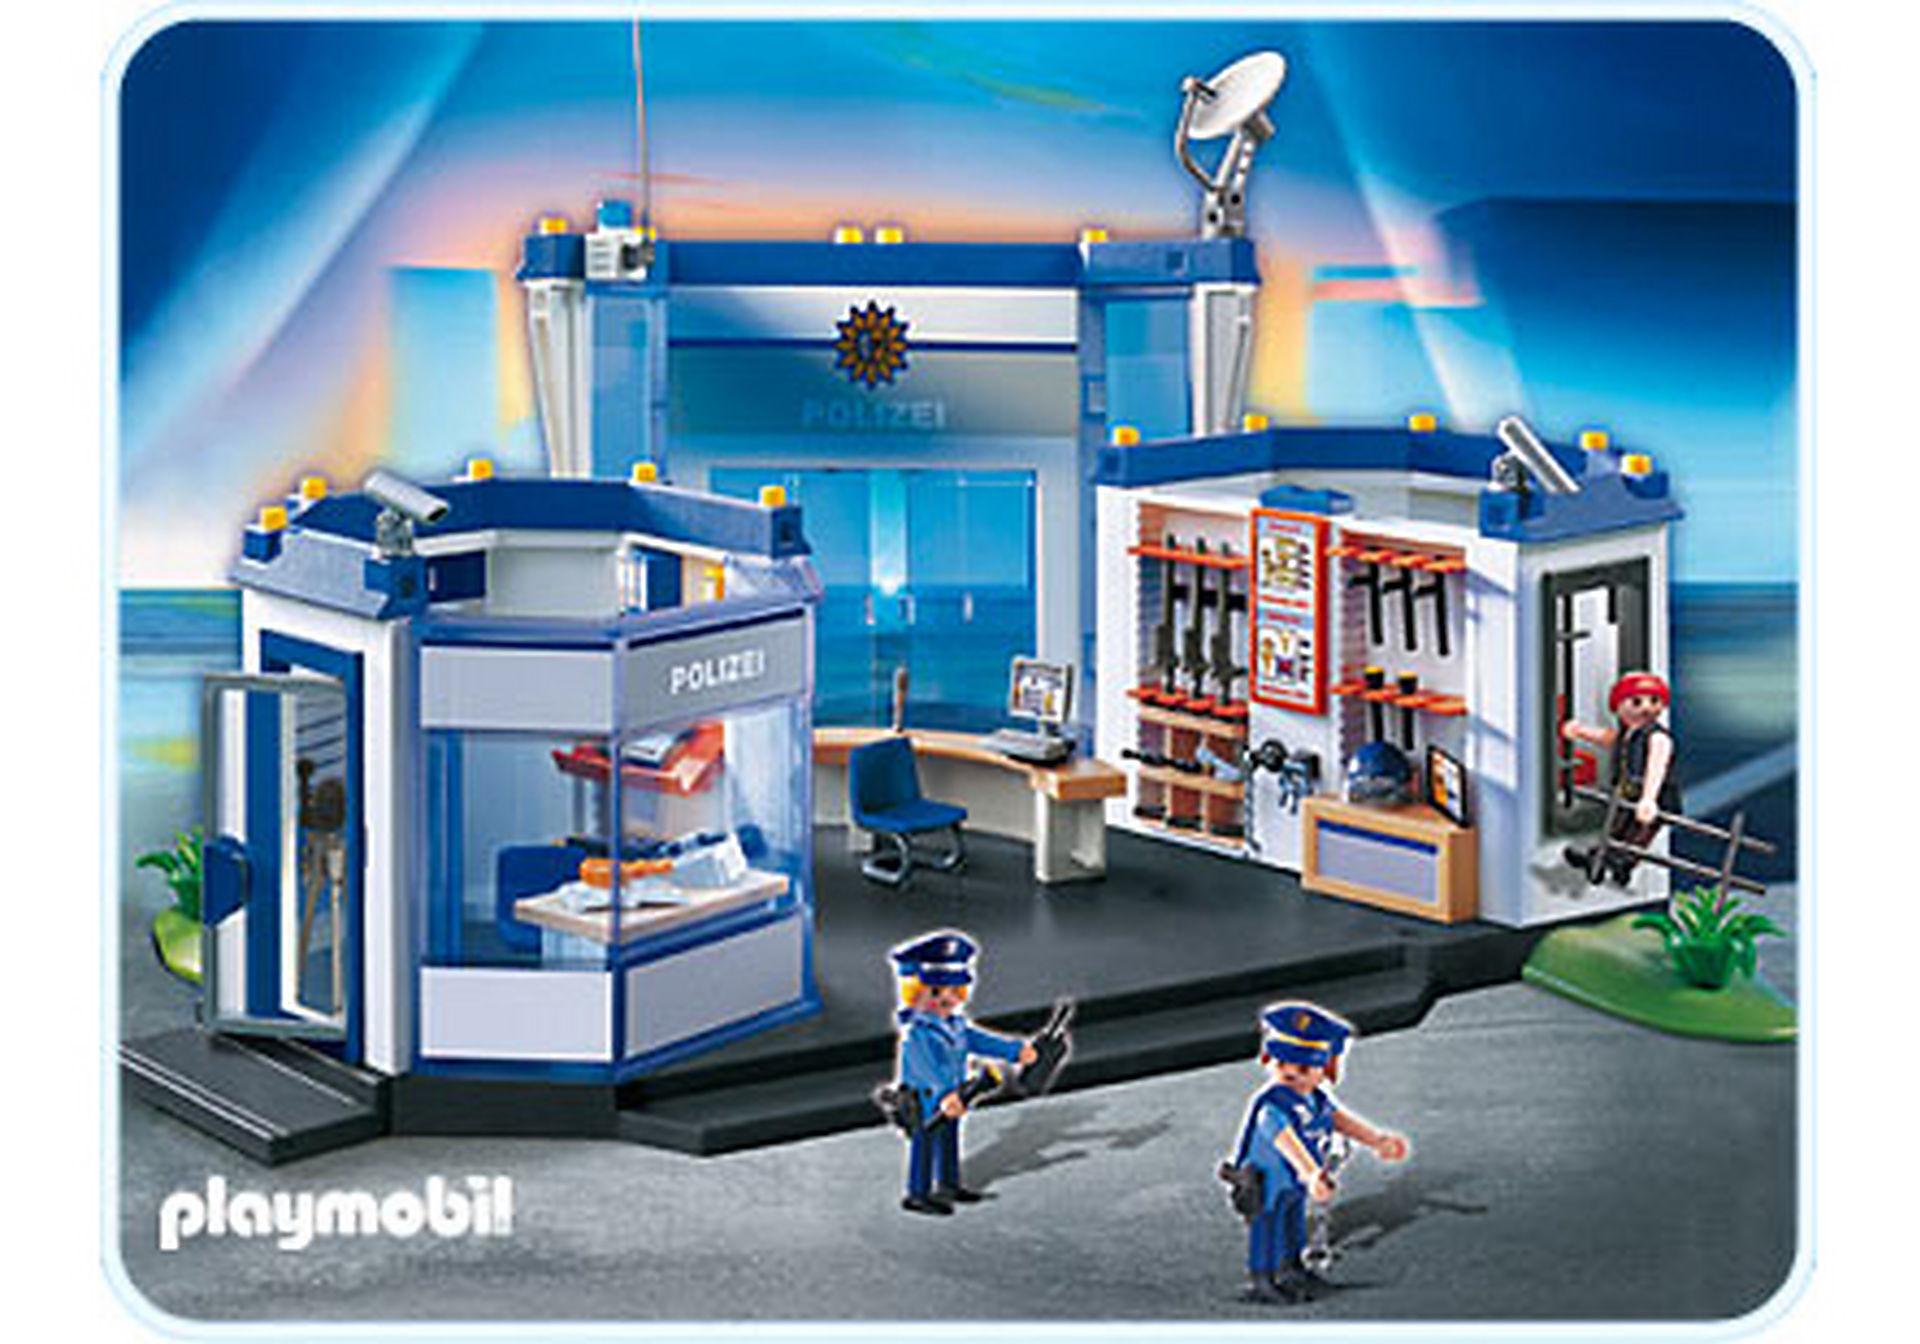 http://media.playmobil.com/i/playmobil/4263-A_product_detail/Polizei-Hauptquartier